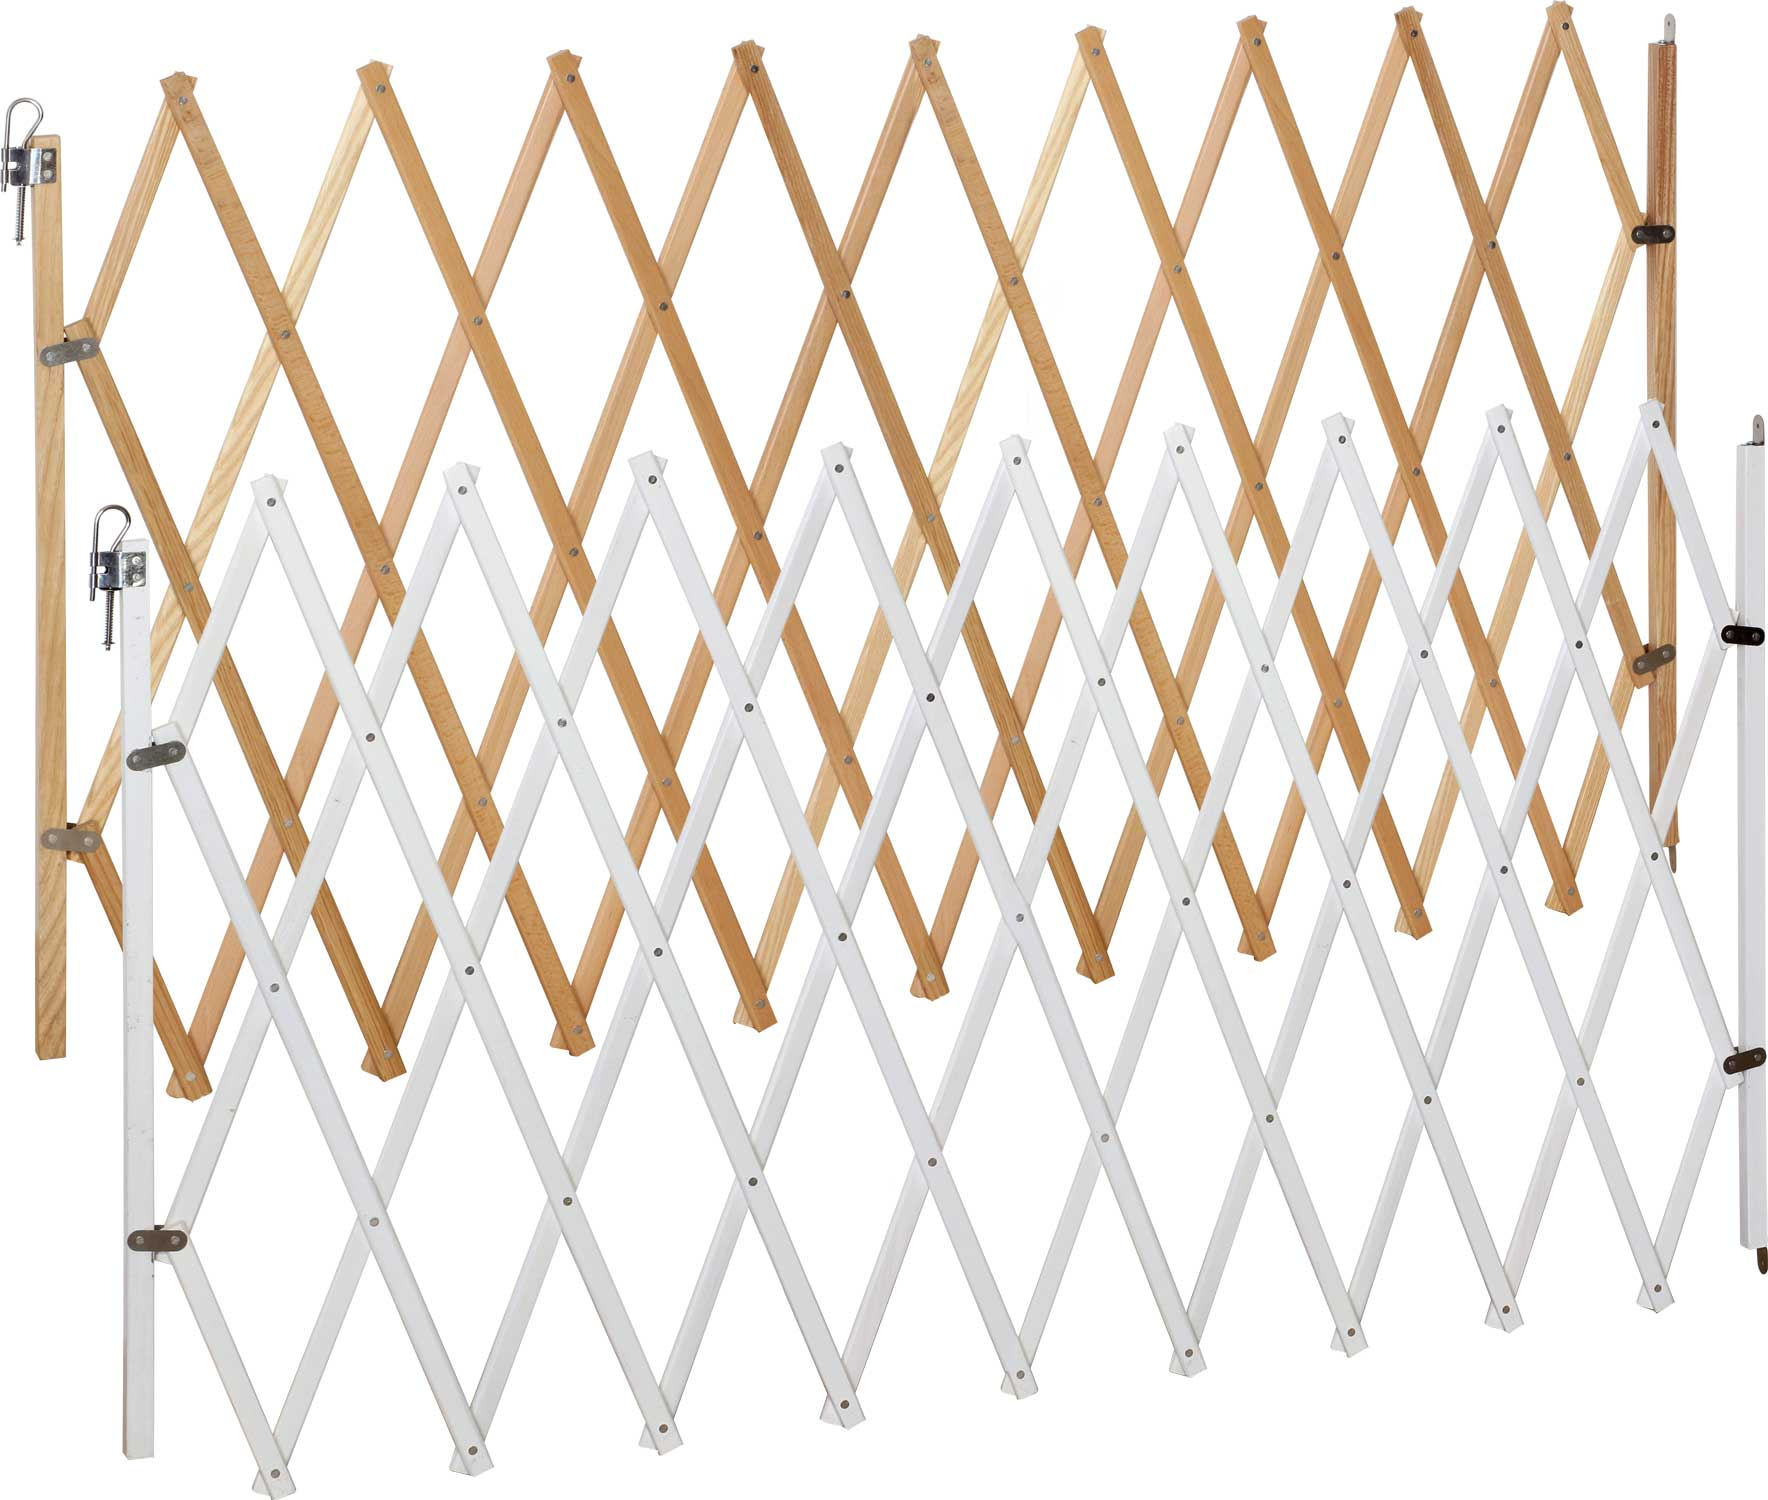 Cancelletto per cani lin xxl naturale e bianco 62 230 cm for Cancelletto per cani usato